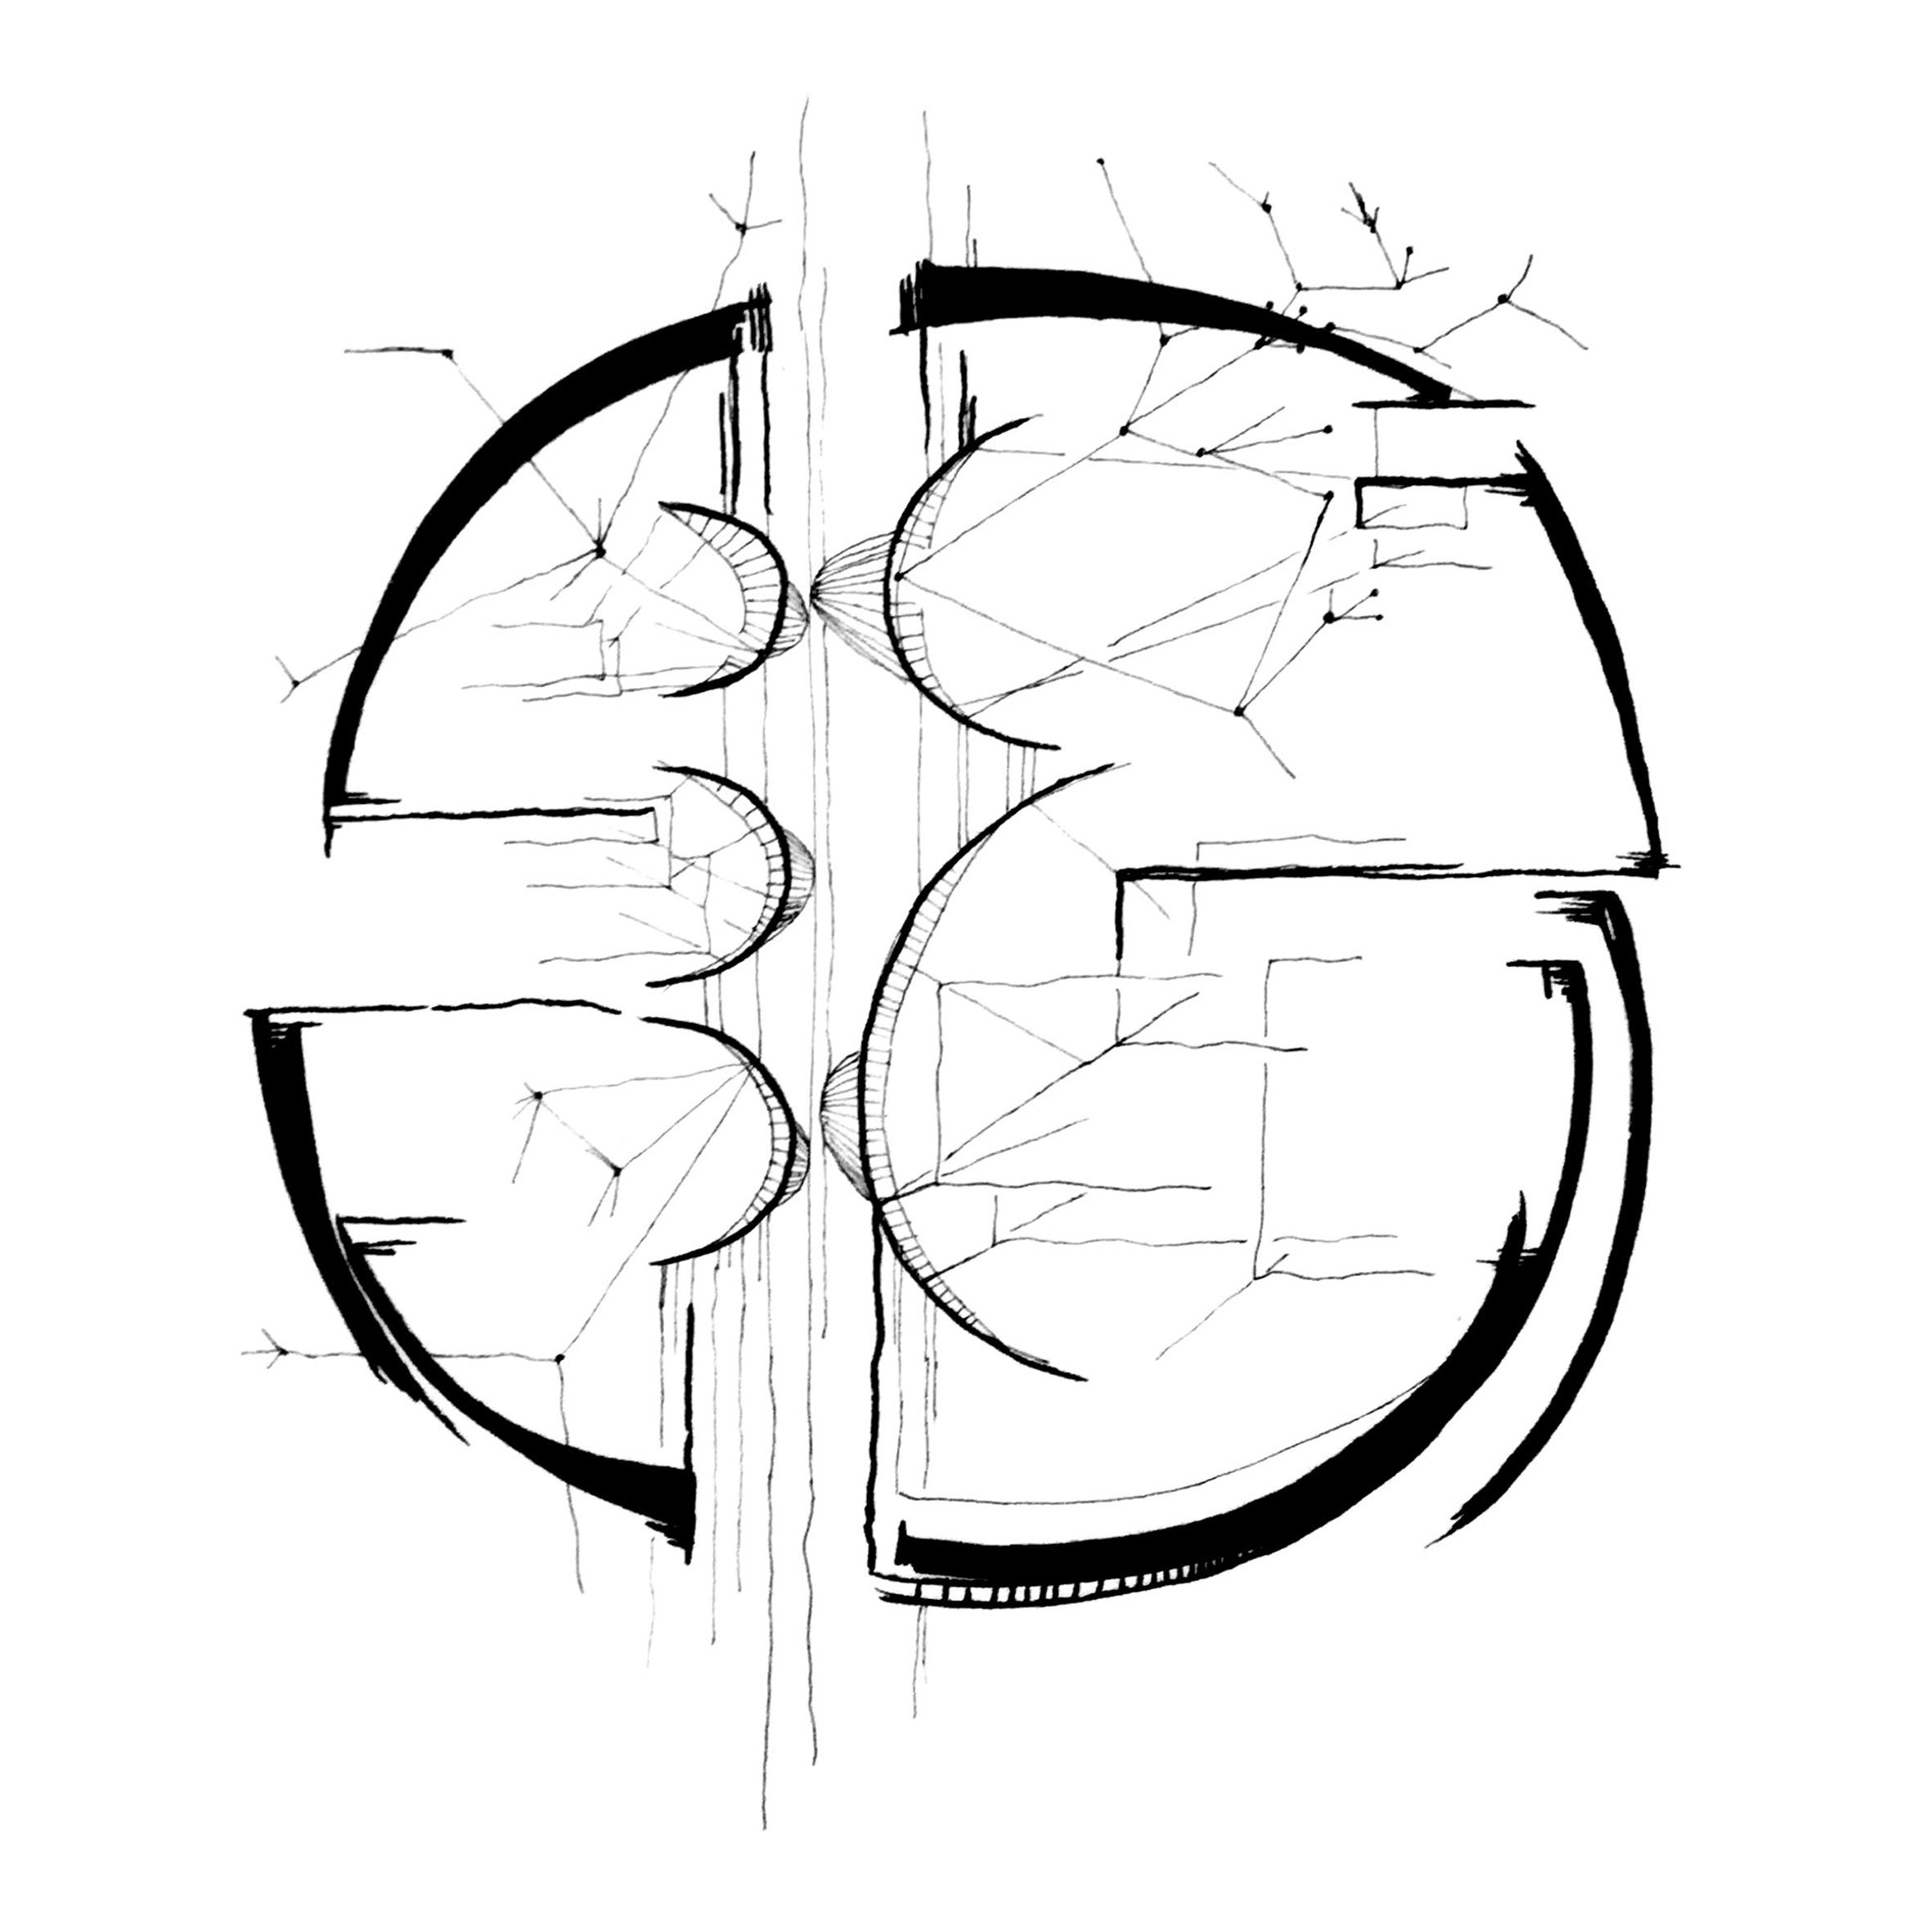 190326_+-ratio_Multi-Equ-Ratio_illu_2